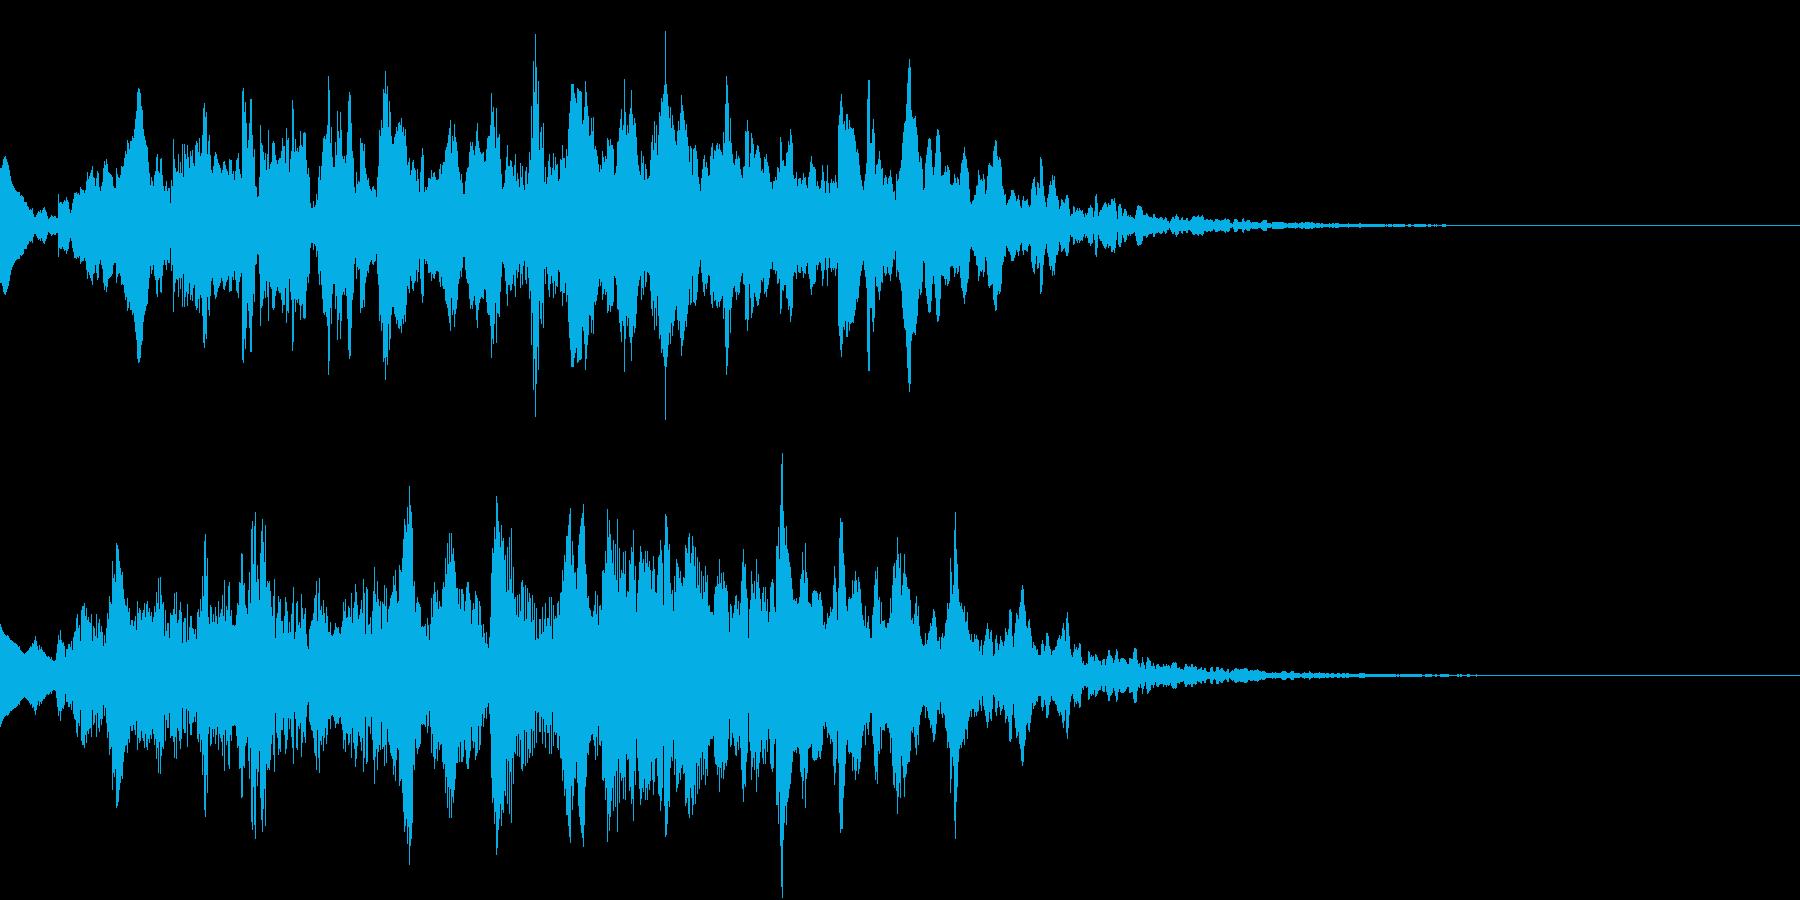 サウンドロゴ・起動時の効果音(不思議)の再生済みの波形